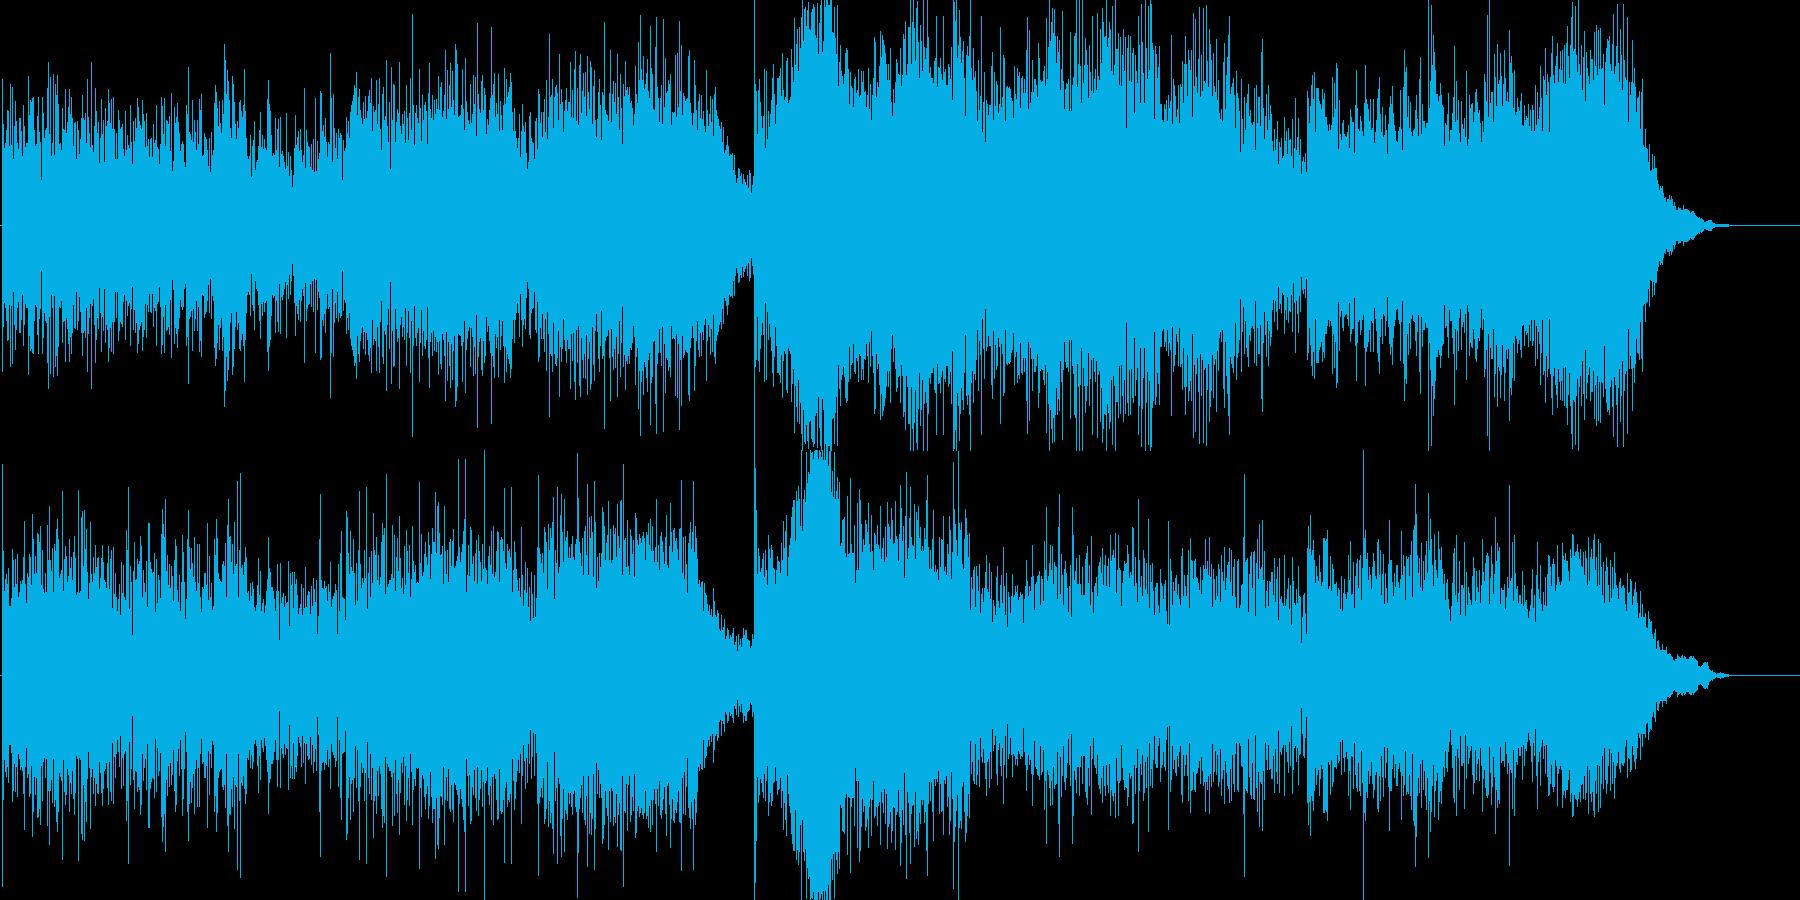 重厚な映画サウンドの再生済みの波形